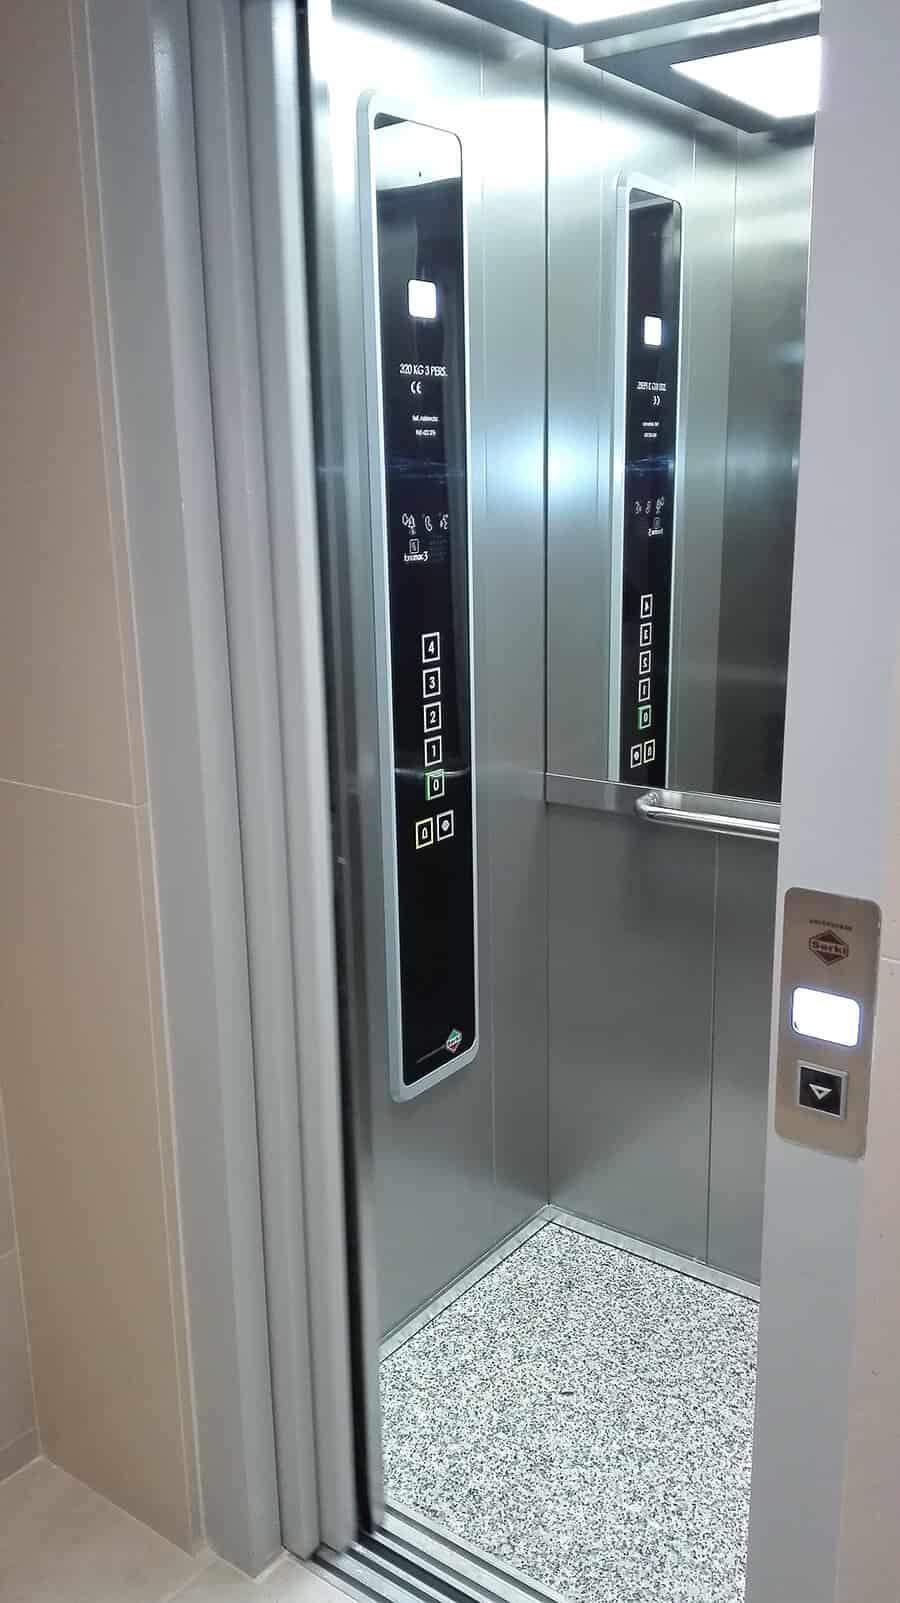 Instalación elevador en edificio antiguo